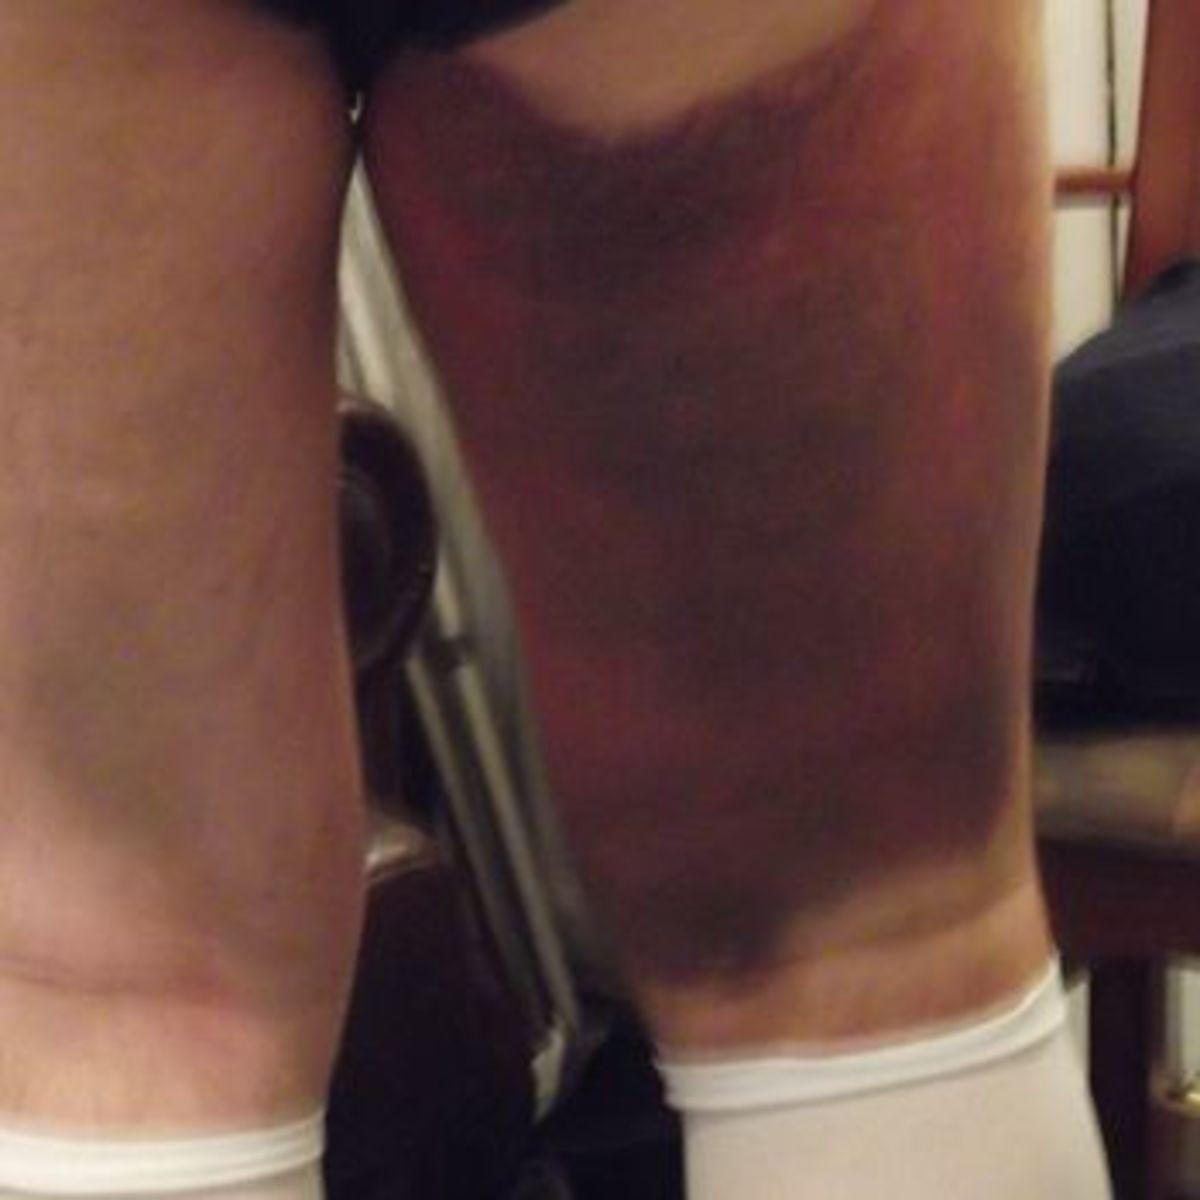 bruising after TKR